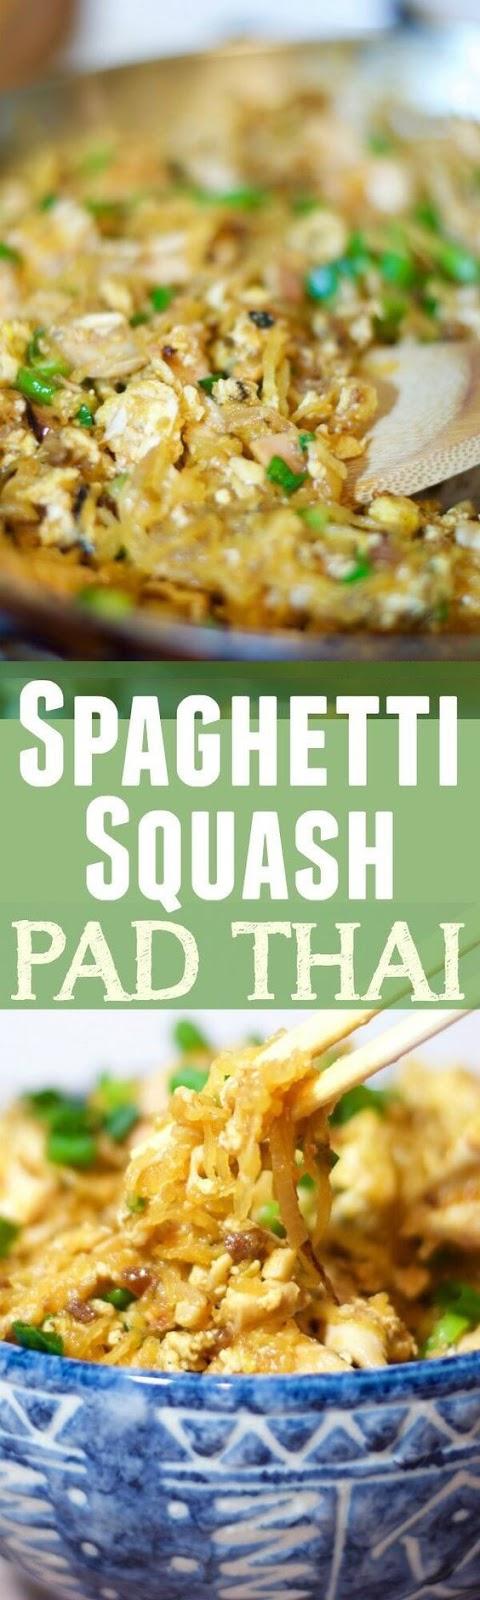 Guilt-free Spaghetti Squash Pad Thai (Paleo, Gluten Free)